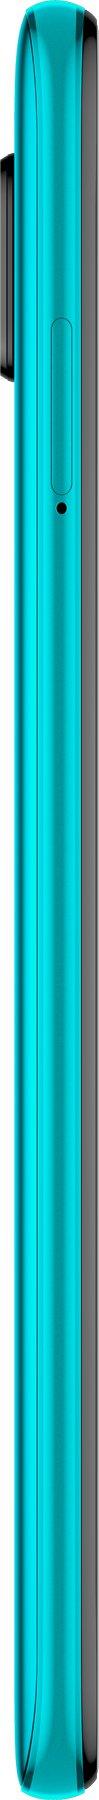 Xiaomi Redmi Note 9S 6GB/128GB BLUE - 5